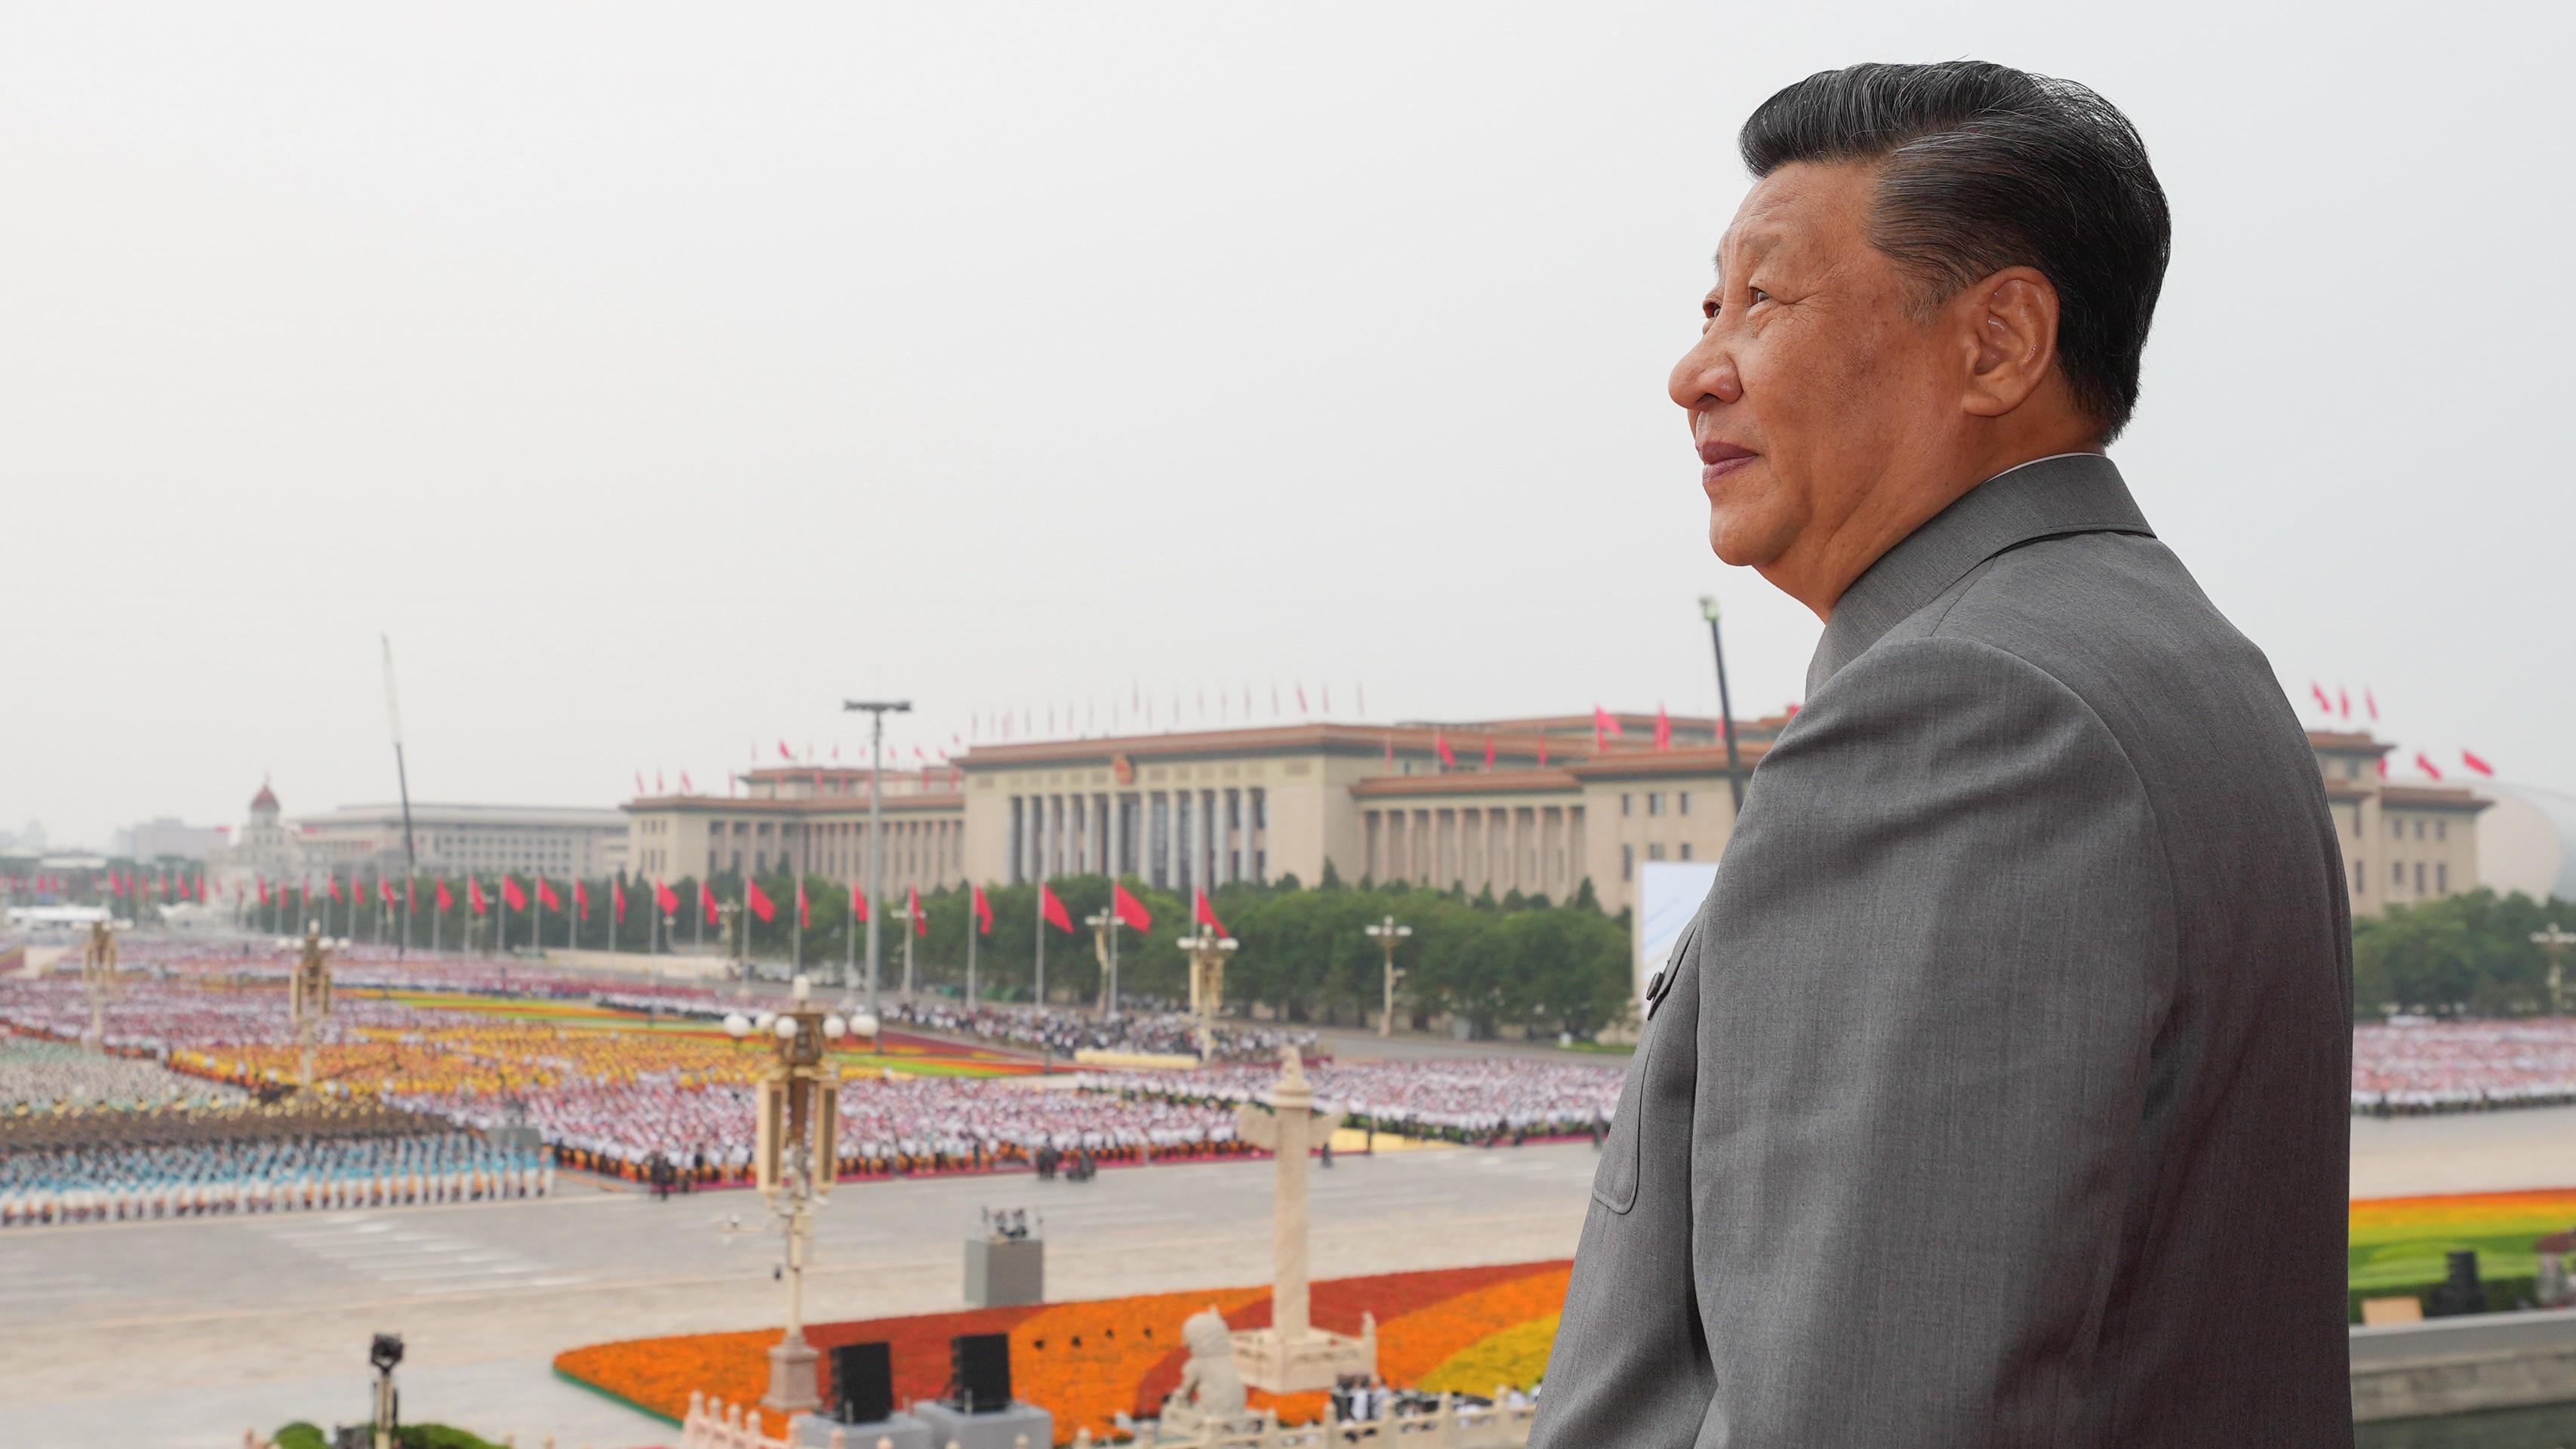 【卓偉】習近平「七一講話」提示香港盡快完成二十三條立法